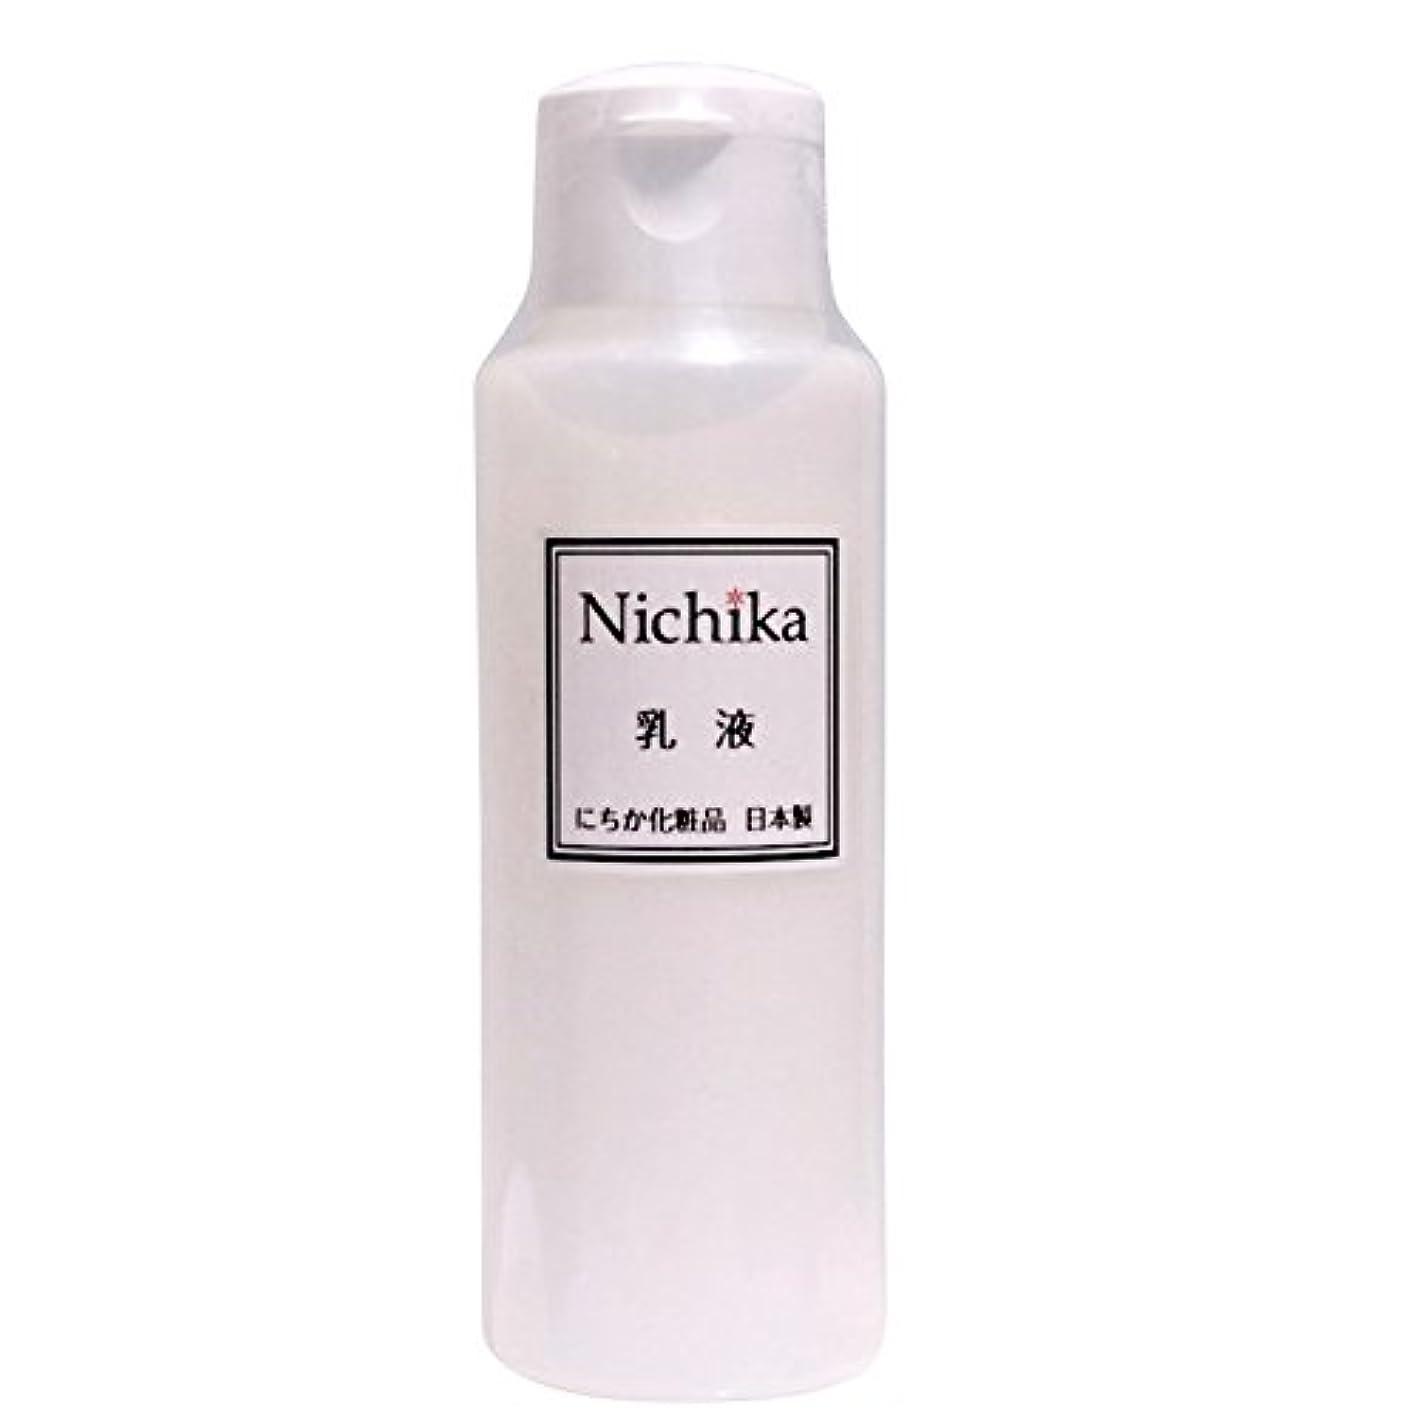 懇願する同性愛者母音にちか乳液 内容量100ml 日本製 『ワンランク上の潤いハリ肌』を『リーズナブル』に。  ヒアルロン酸の1.3倍の保水力があるプロテオグリカン配合。 素早く水分と油分の膜を作り、うるおい成分を肌に届け 水分と油分のバランスが良い「健康肌」をつくります。にちか化粧品は肌バリアに注目した化粧品です。肌バリアは深い位置の肌を紫外線や刺激から守り肌の奥から潤い肌を育てます。 さっぱりとした使用感で、肌馴染みが良い使用感は今よりワンランク上の肌を目指す方におススメです。